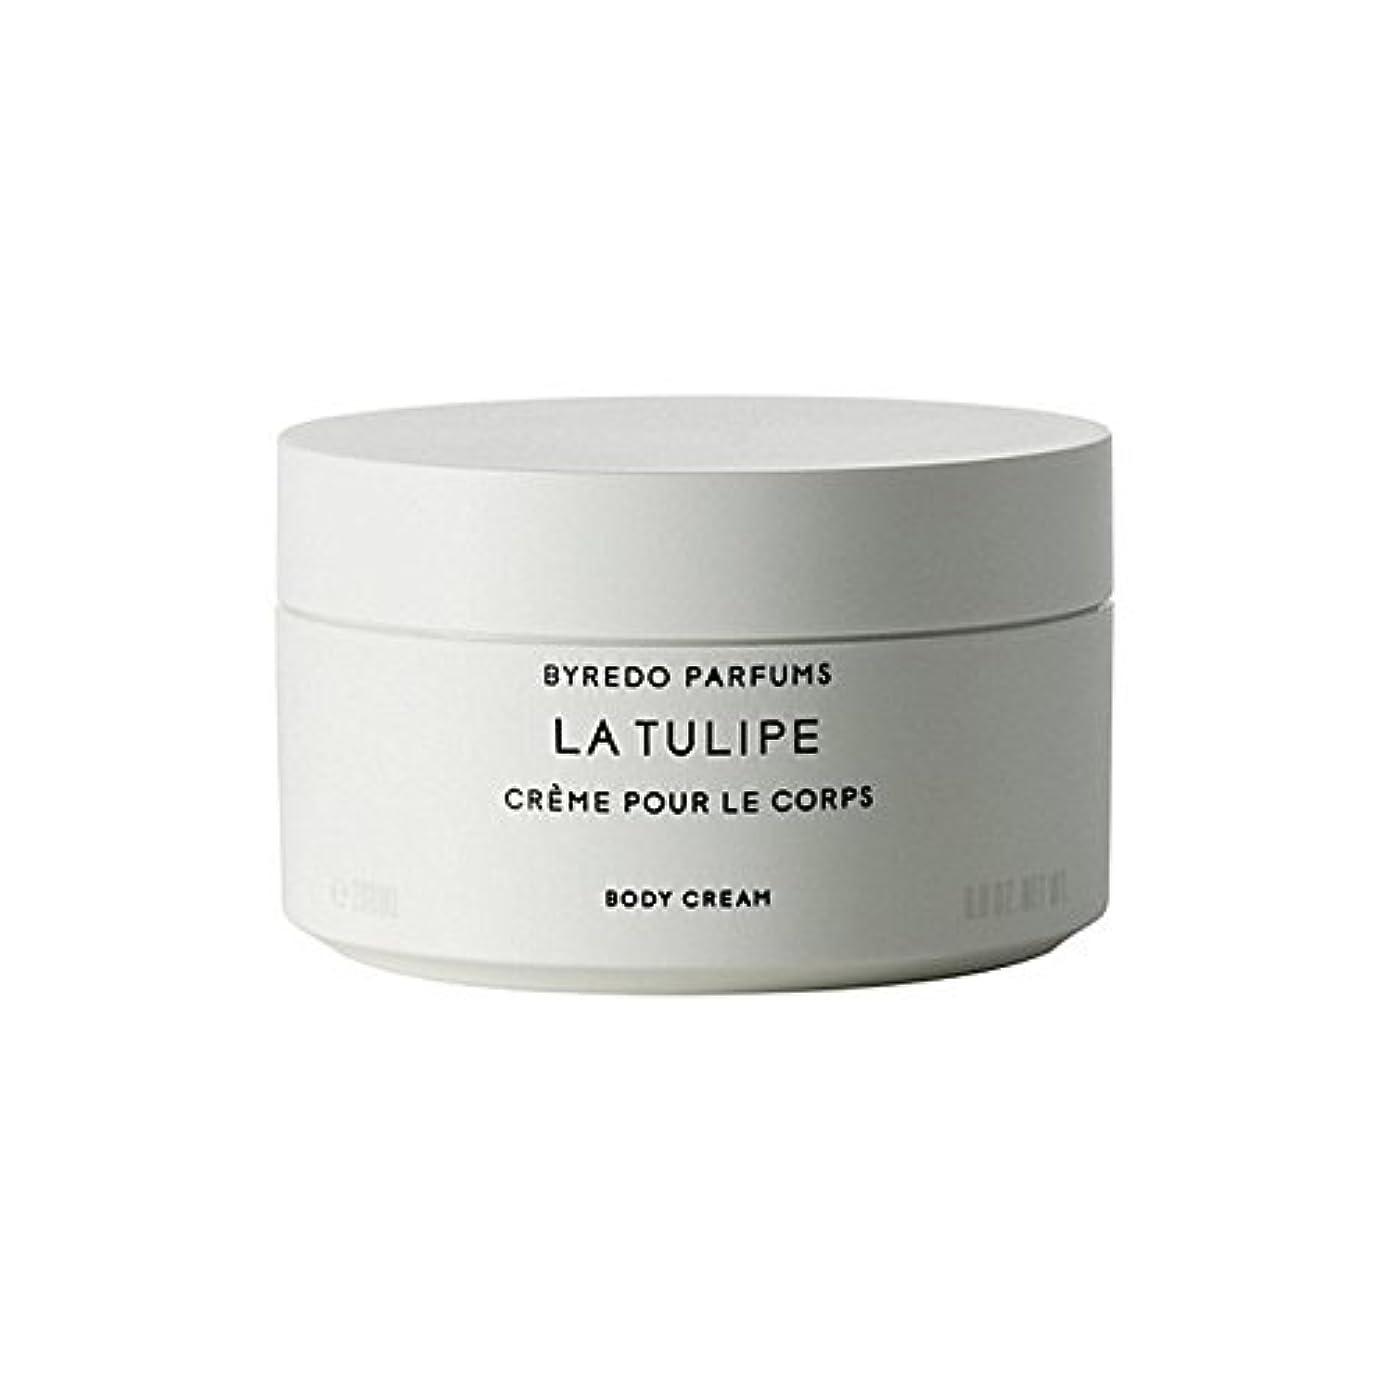 笑歴史的核ラチューリップボディクリーム200ミリリットル x4 - Byredo La Tulipe Body Cream 200ml (Pack of 4) [並行輸入品]